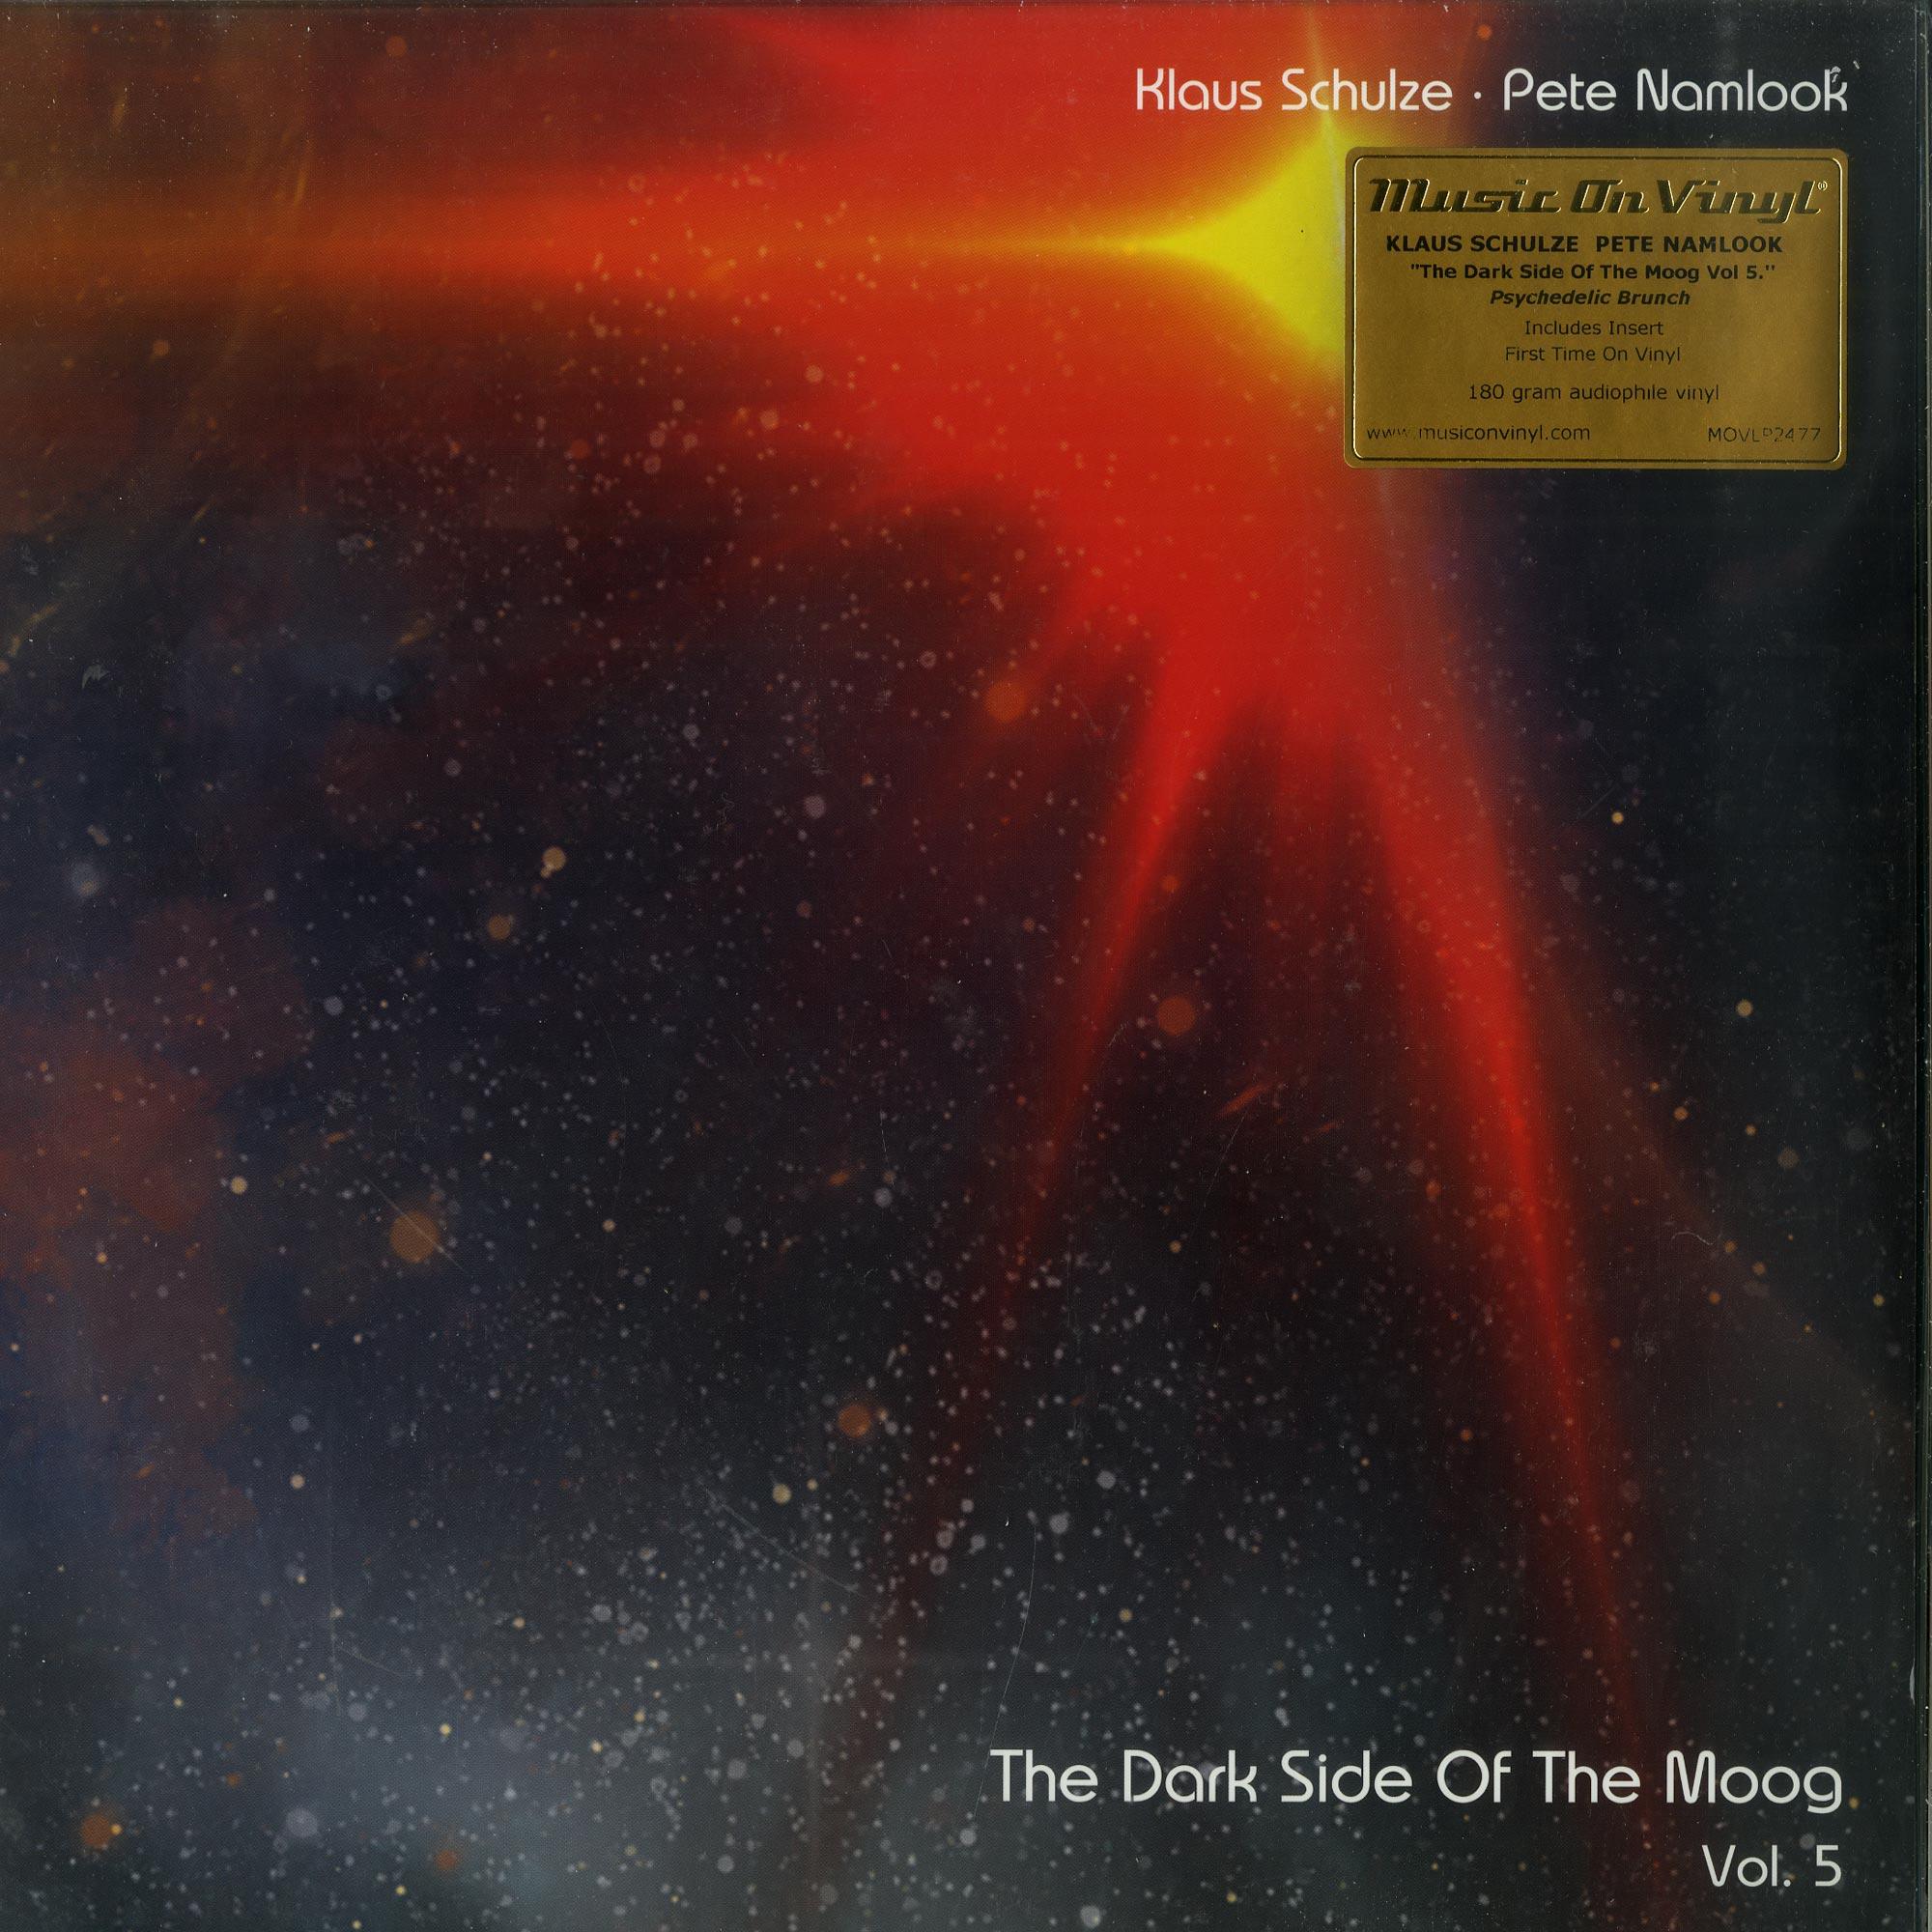 Klaus Schulze & Pete Namlook - DARK SIDE OF THE MOOG VOL. 5 - PSYCHEDELIC BRUNCH